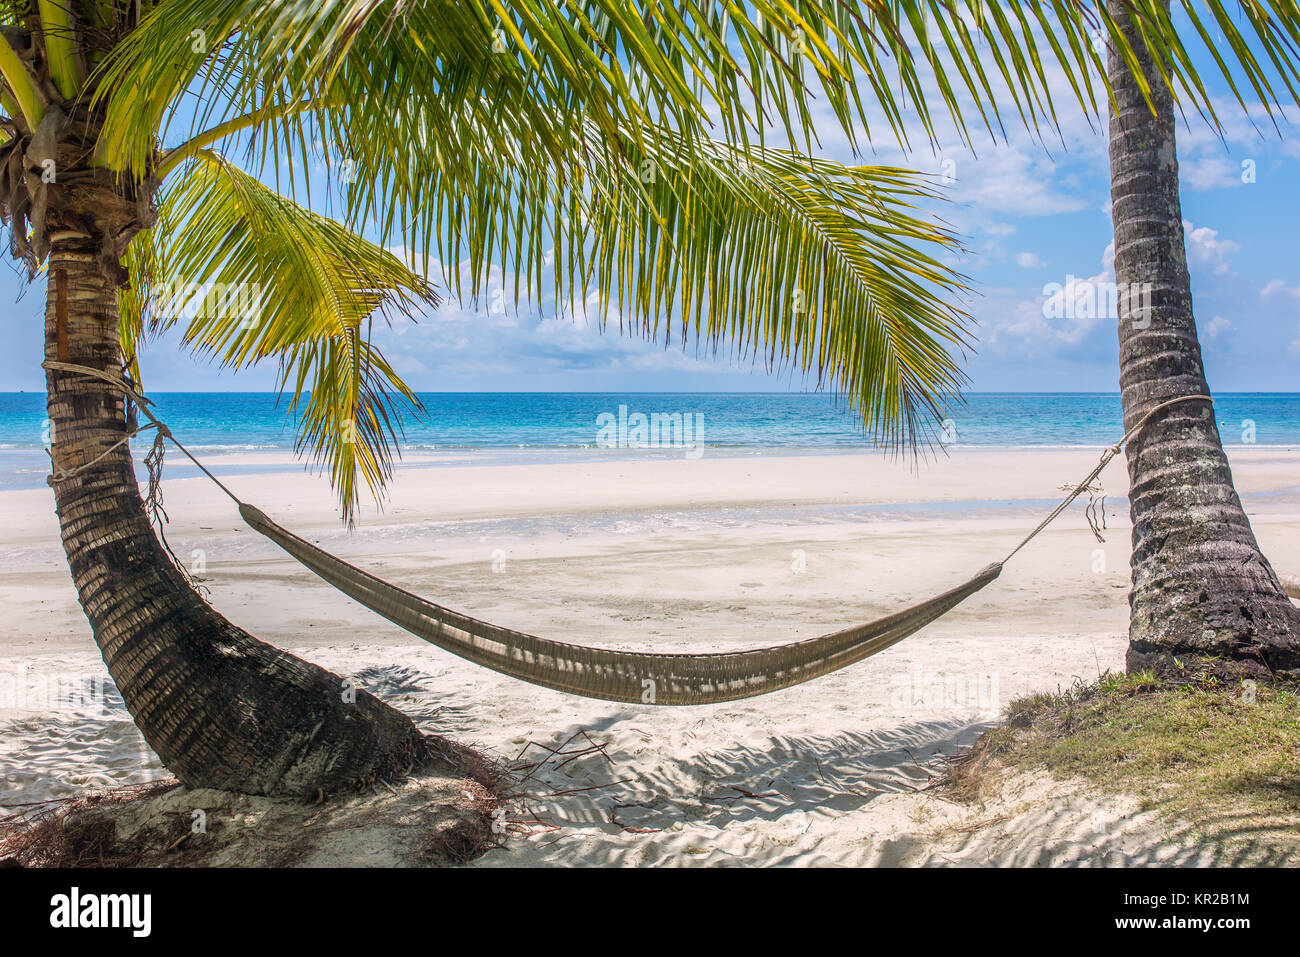 Hamaca vacía entre palmeras en playa tropical en Tailandia Foto de stock